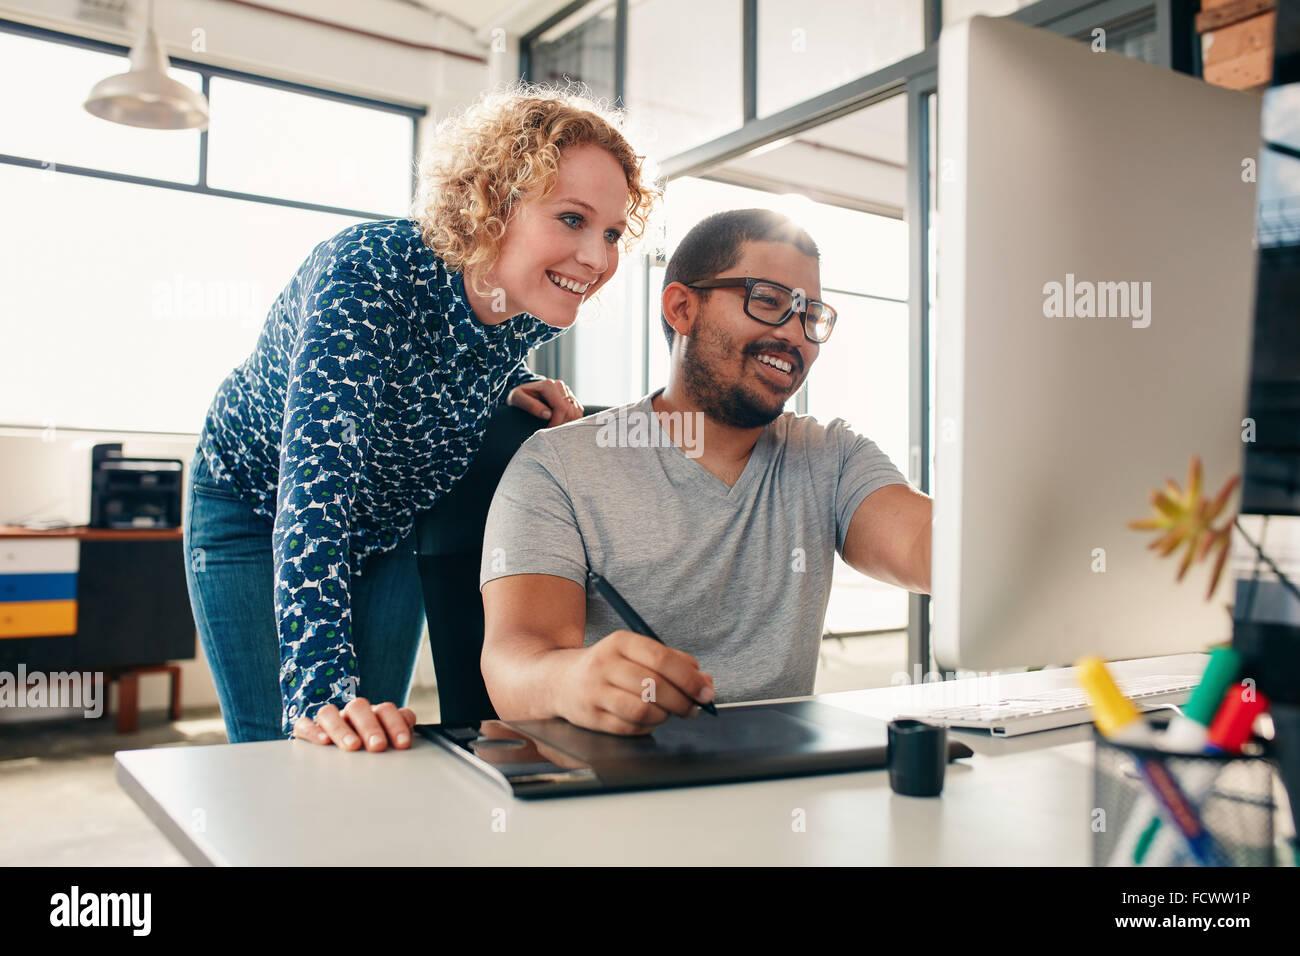 Zwei junge männliche und weibliche Designer gemeinsam mit Mann, die Bearbeitung von Bildmaterial mit Grafiktablett Stockfoto